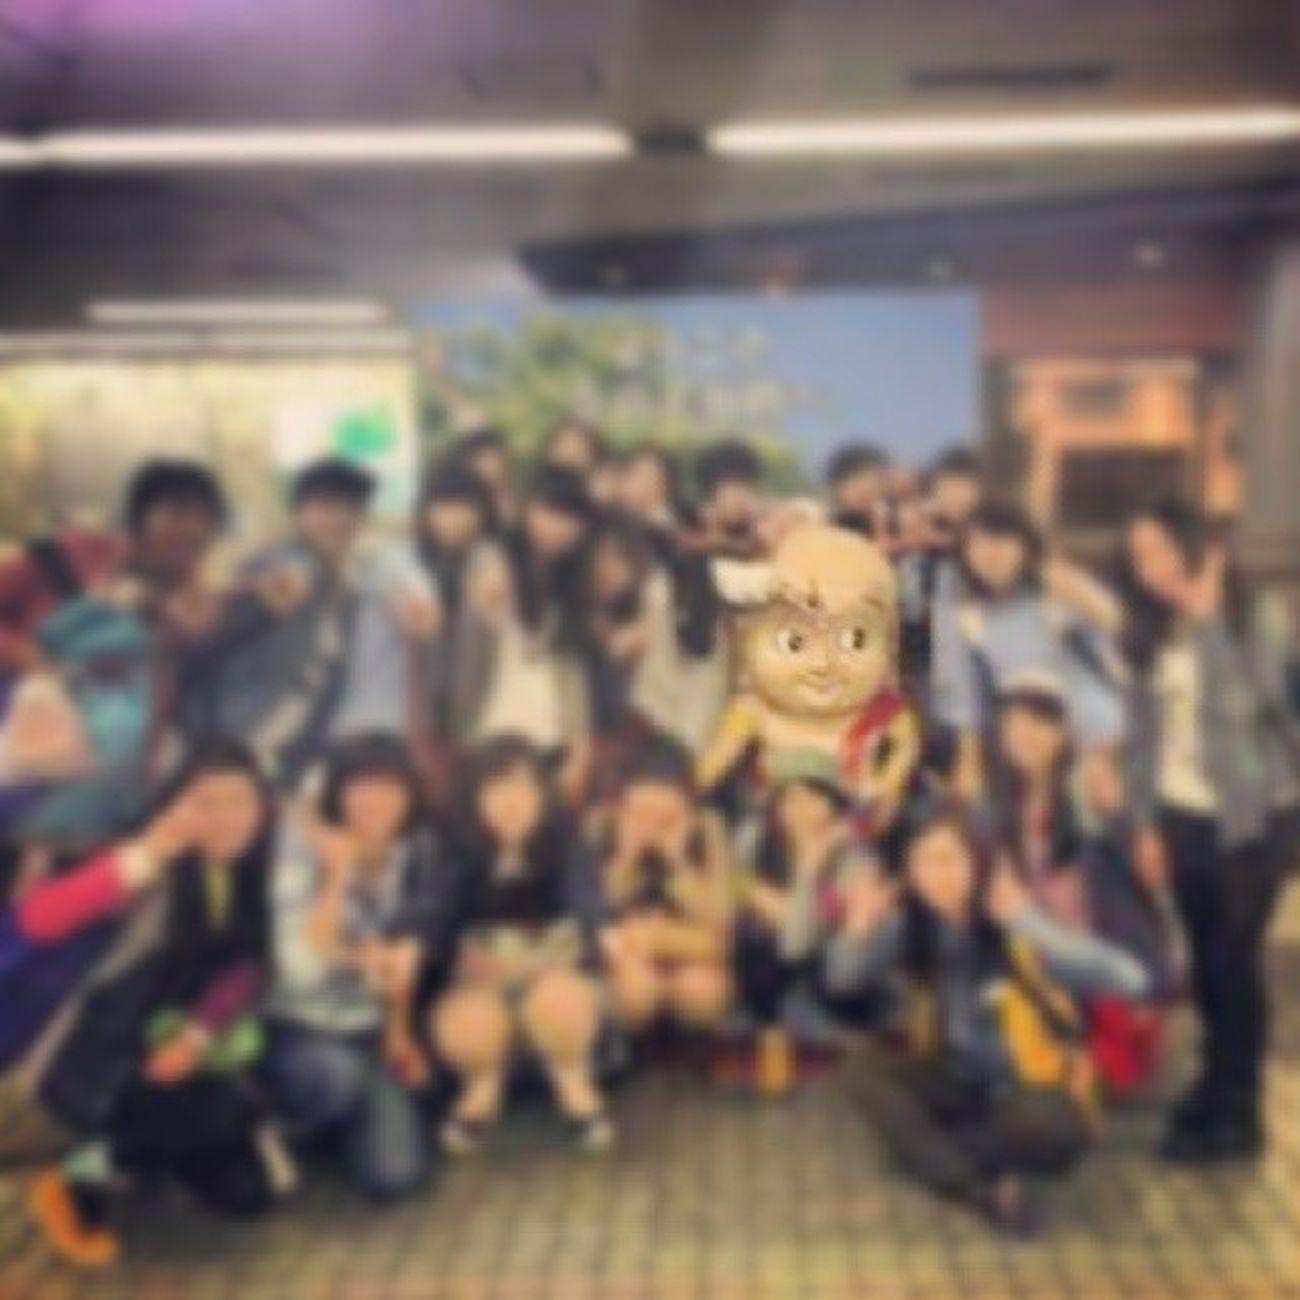 明日は京都! 1年前は奈良行ったなぁ~ 明日早起きがんばらな! 奈良 せんとくん ひねぎゃ 郊外学習